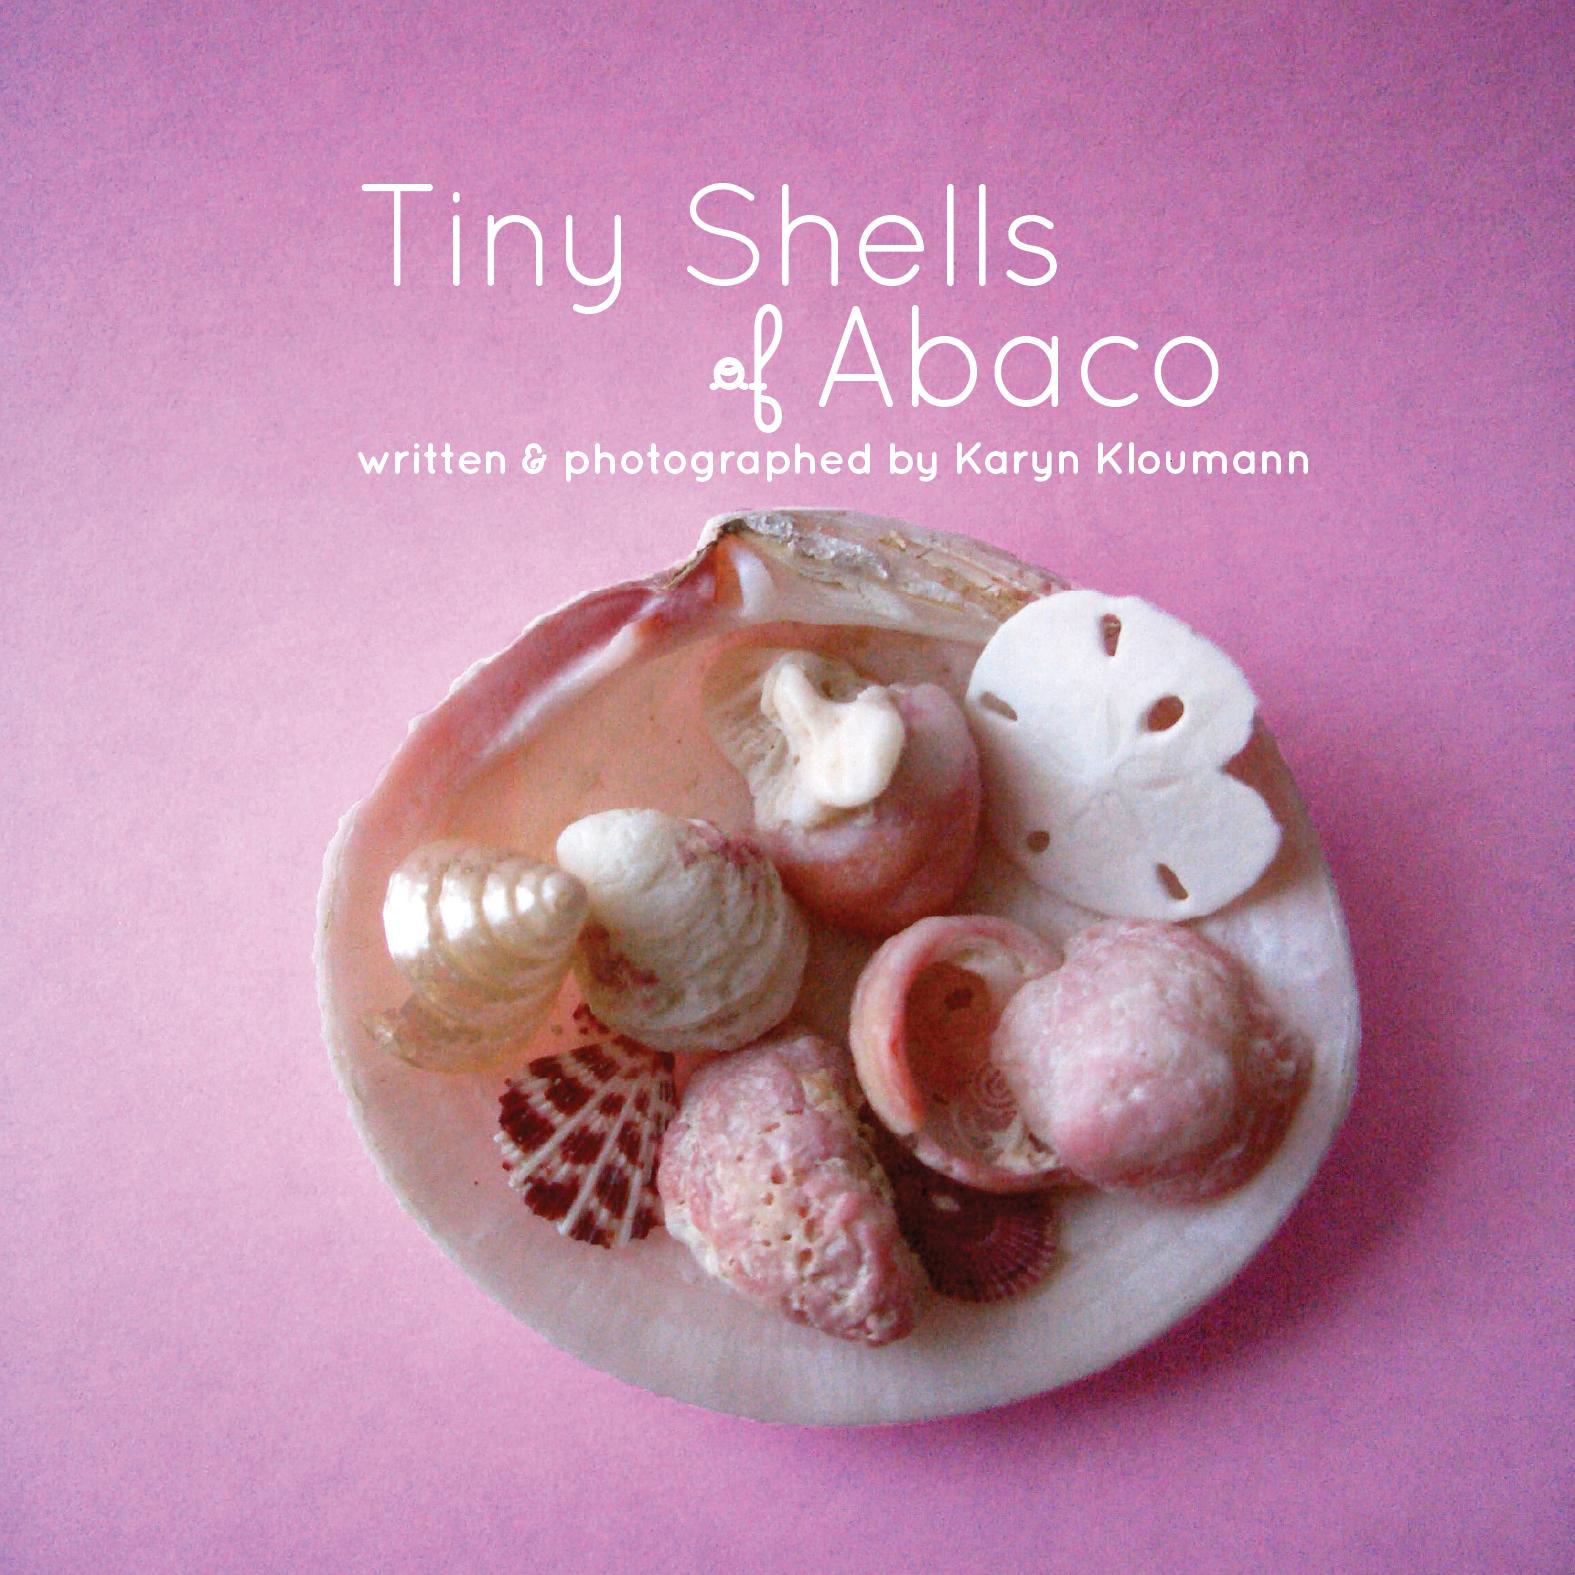 Tiny Shells of Abaco